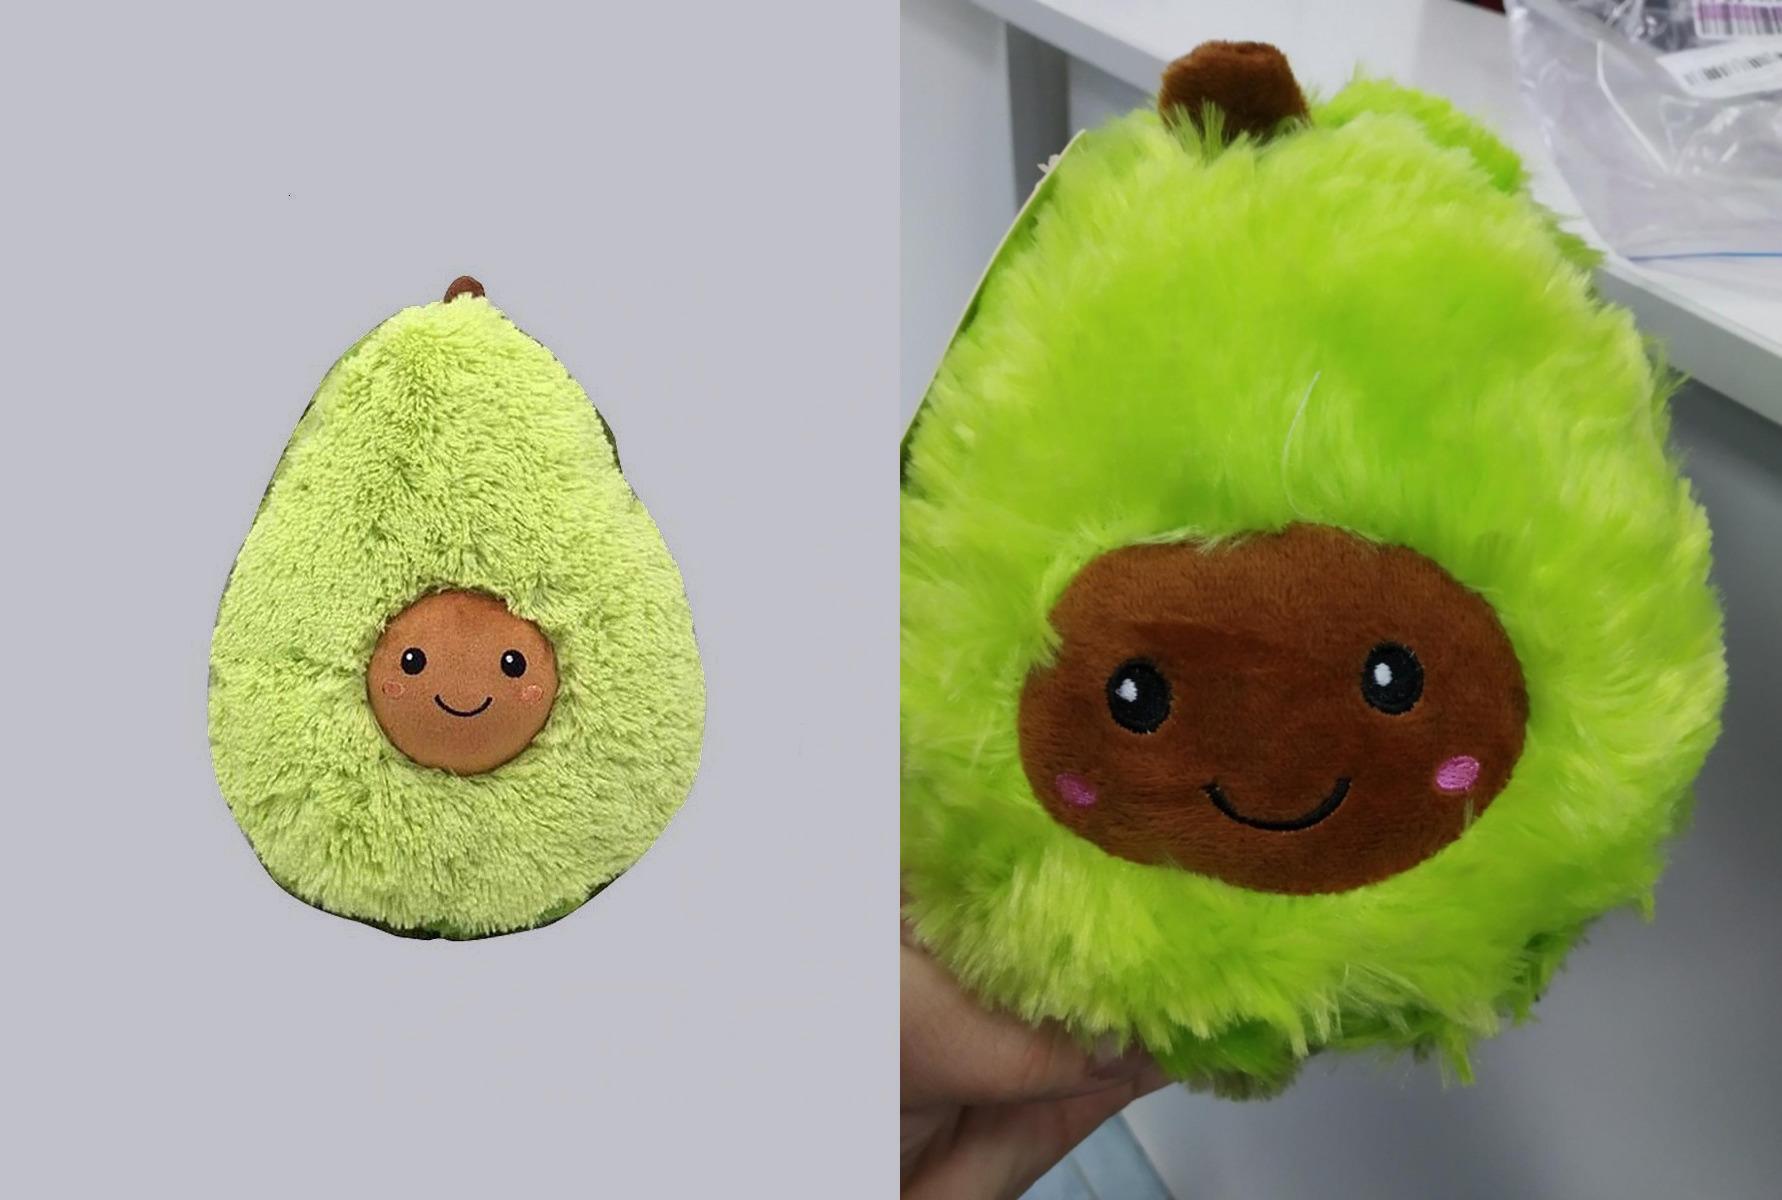 Слева игрушка, которая рекламируется на сайте. Справа — которую доставили. Фото © Wildberries.ru